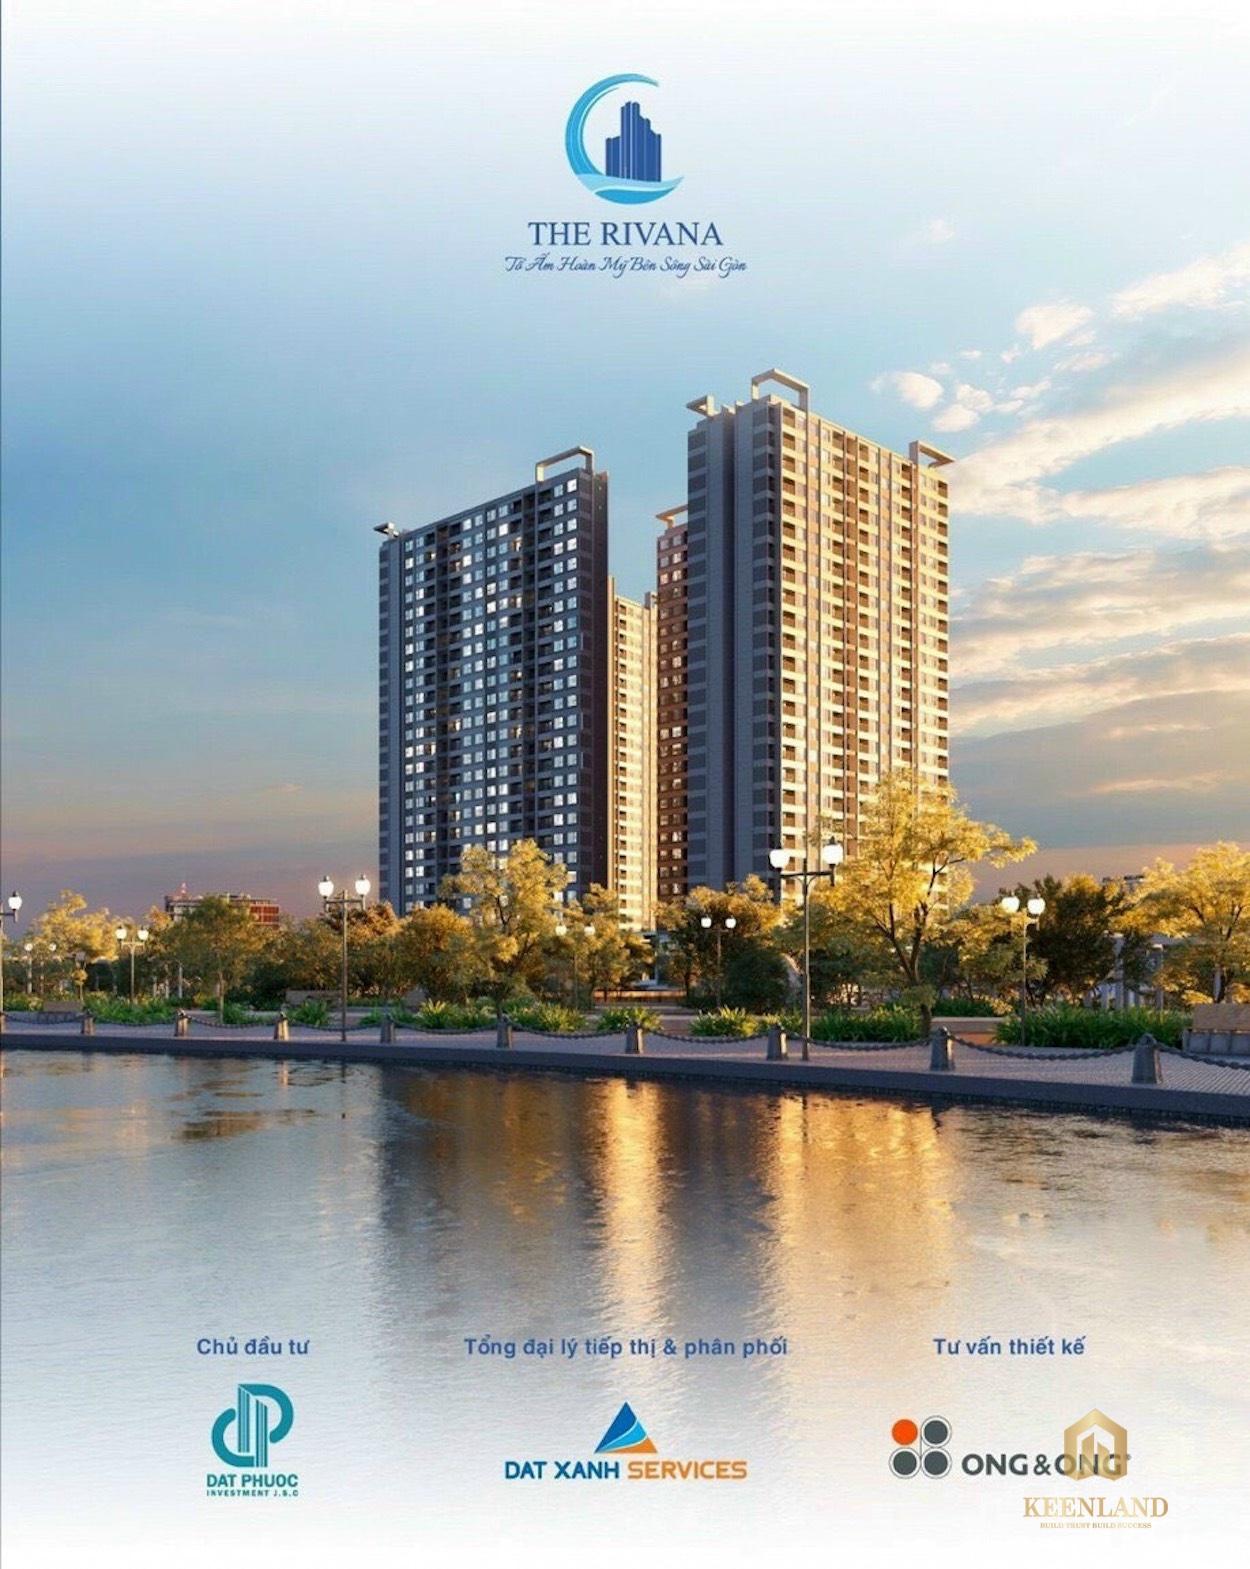 The Rivana Bình Dương được hợp tác và ký kết với các đơn vị quy tín trên thị trường bất động sản